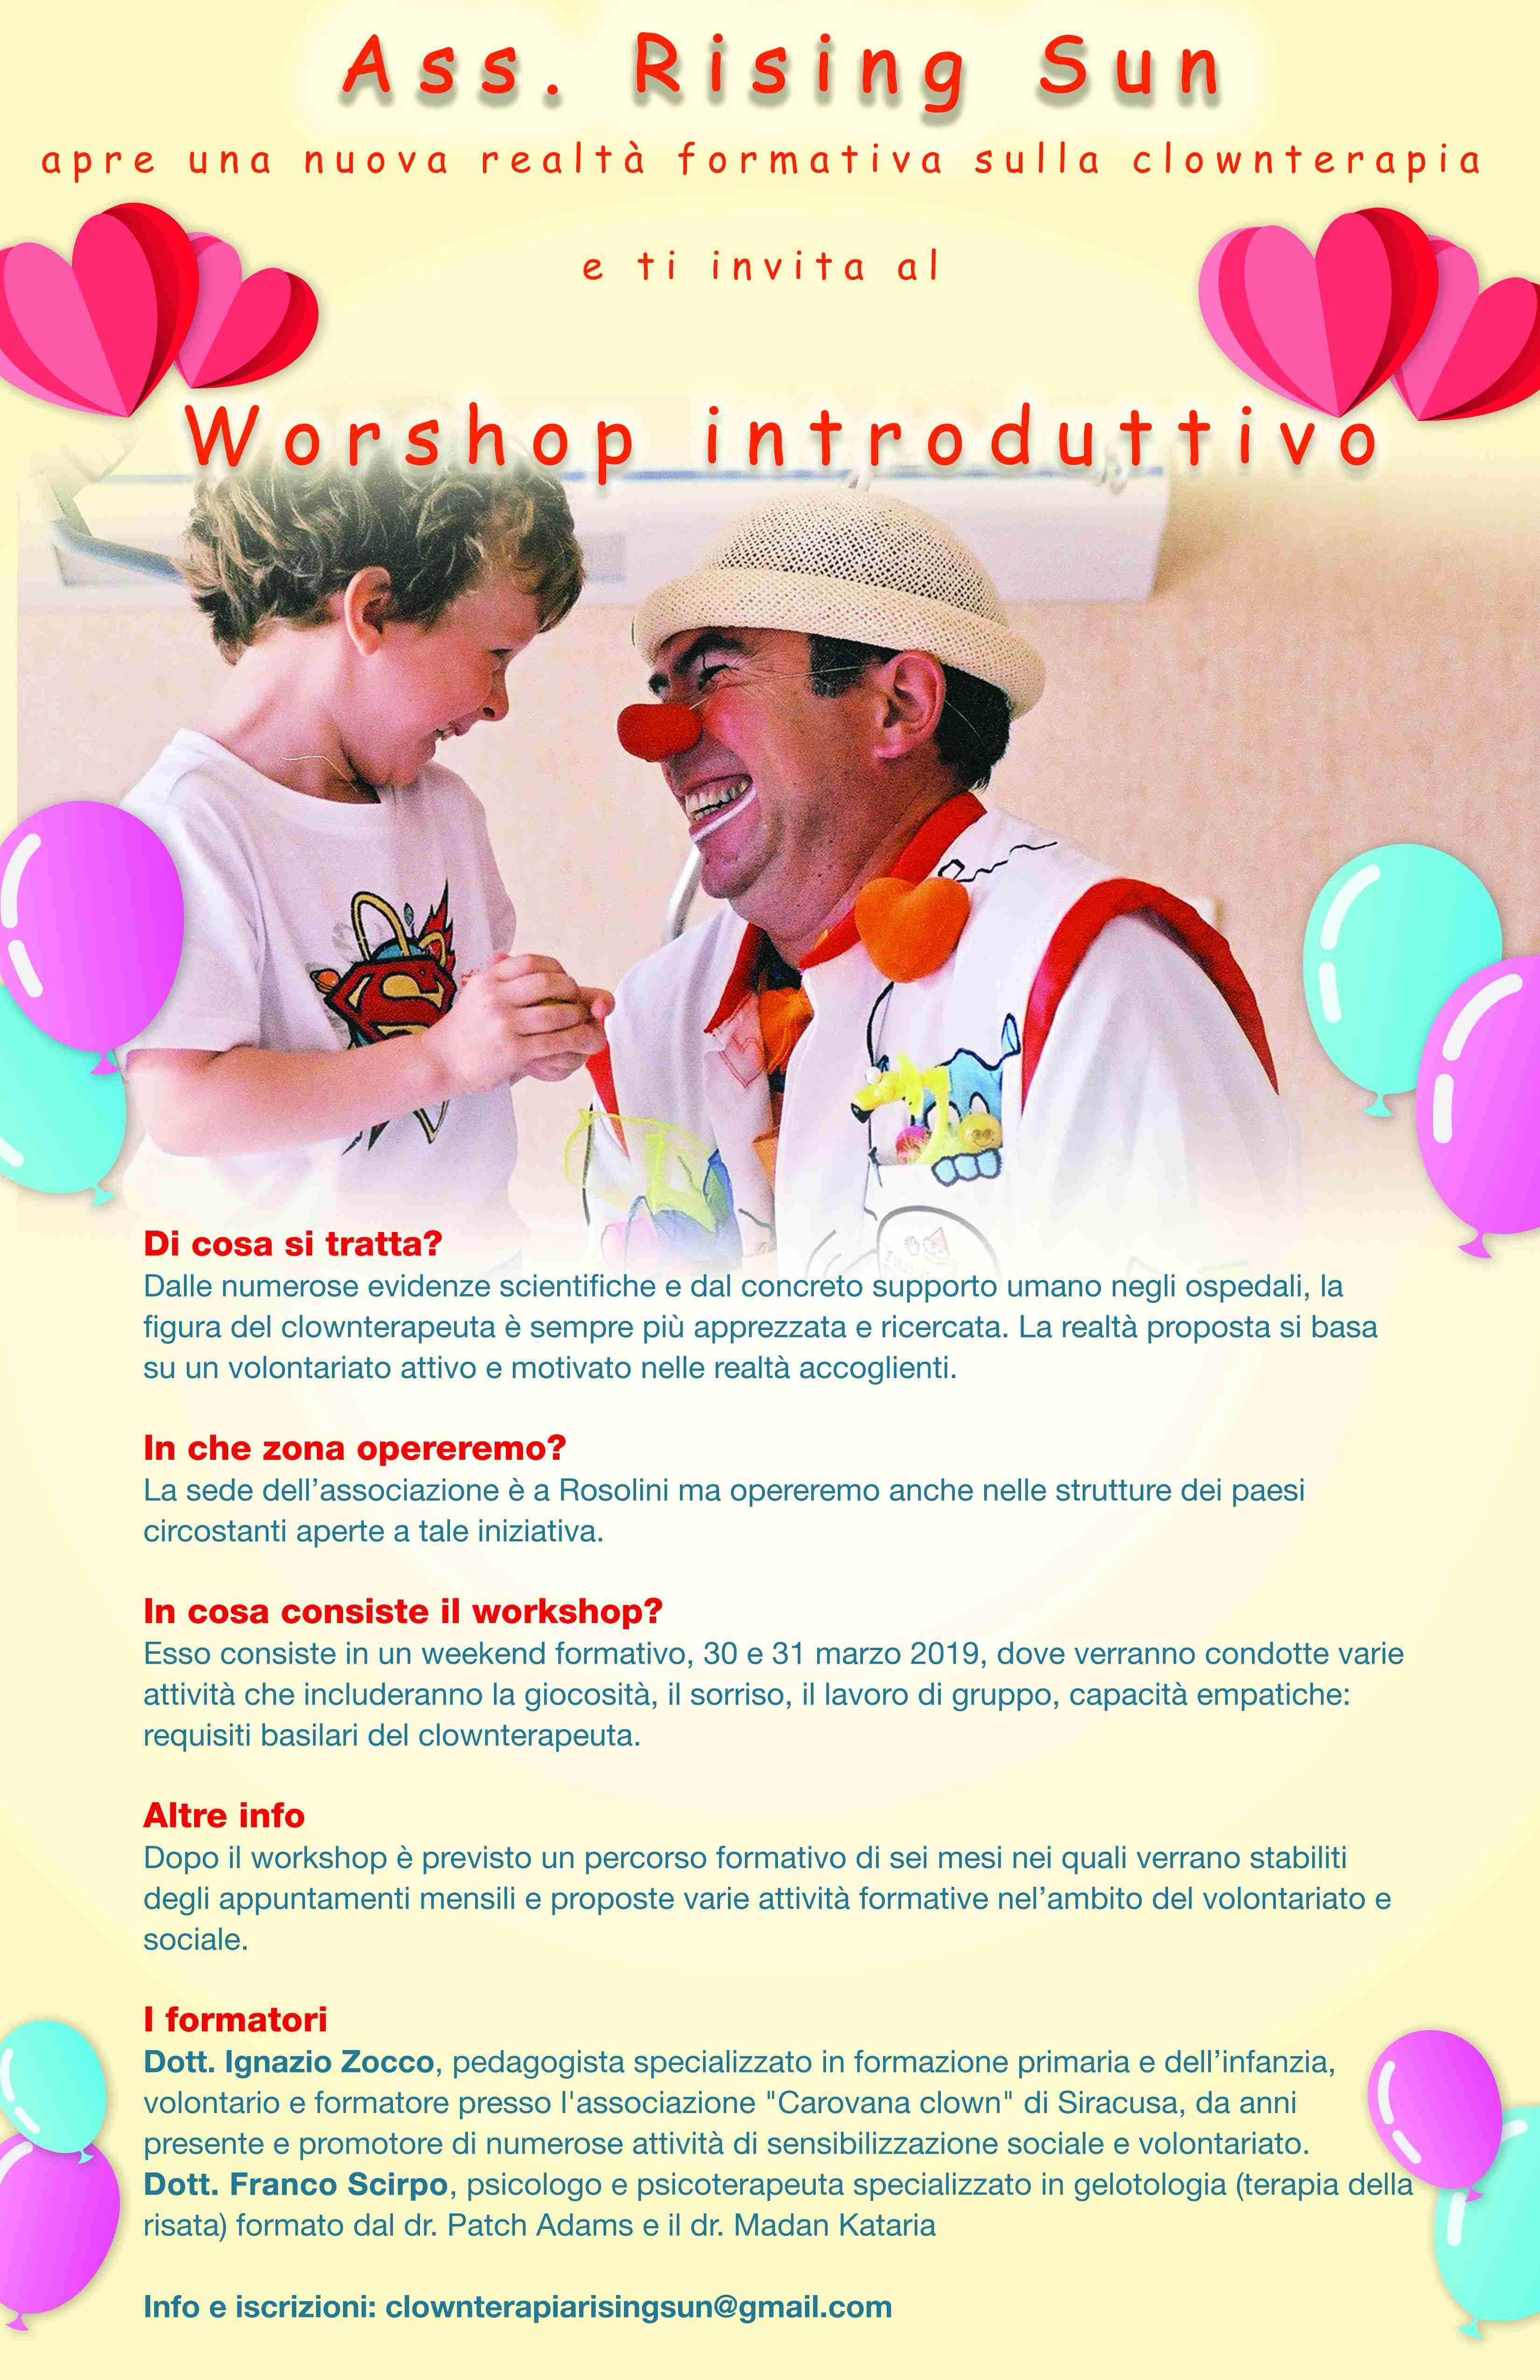 Workshop di Clownterapia promosso dall'Ass. Rising Sun: info e iscrizioni